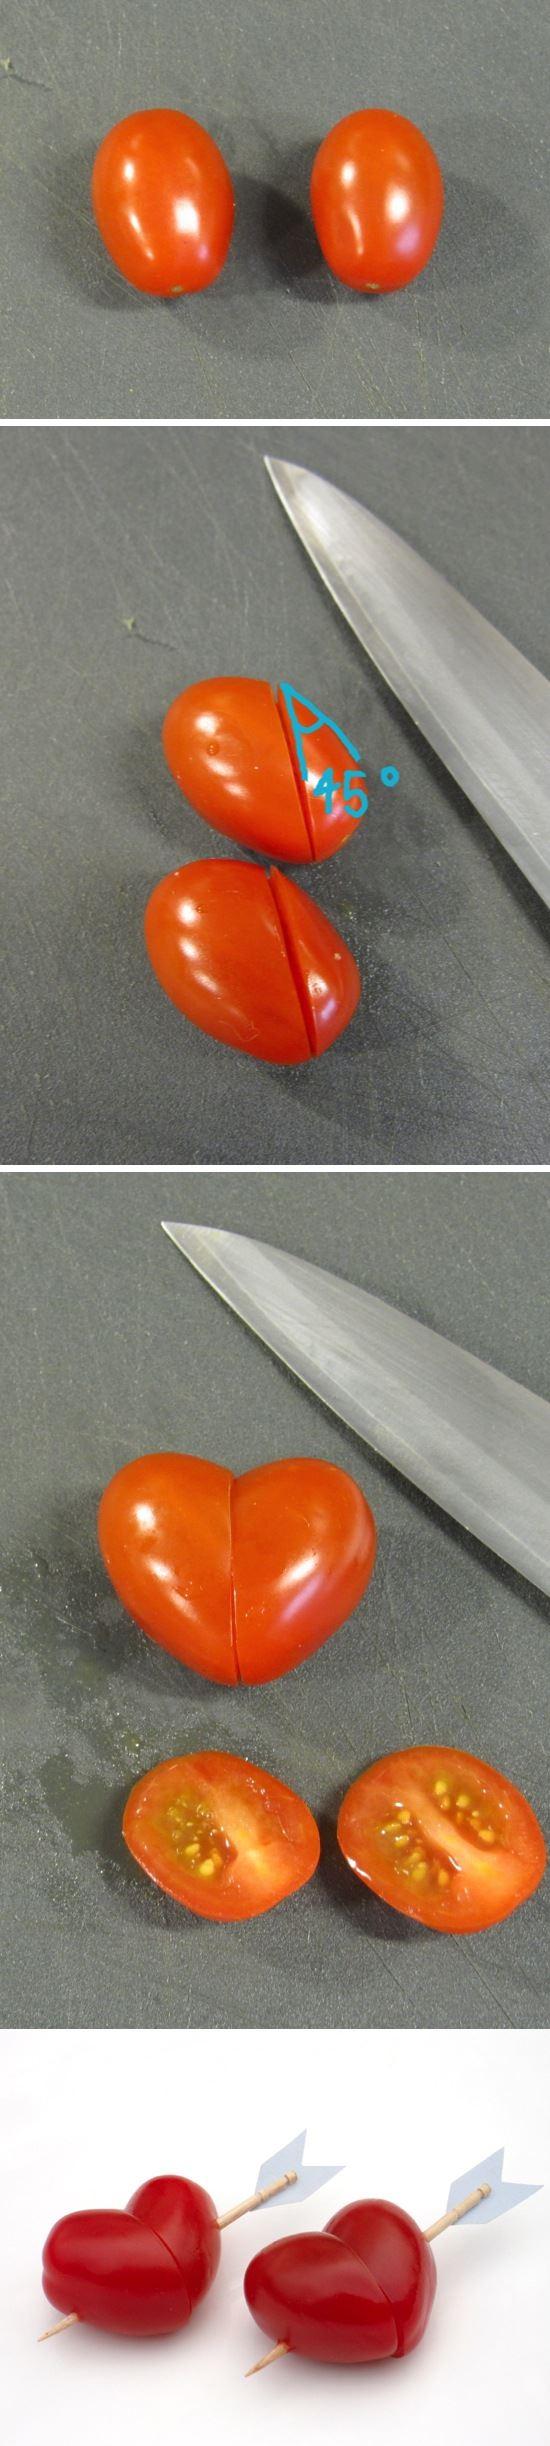 【キャラ弁の小技】「矢で射抜かれたハート型のトマト」を簡単に作る方法